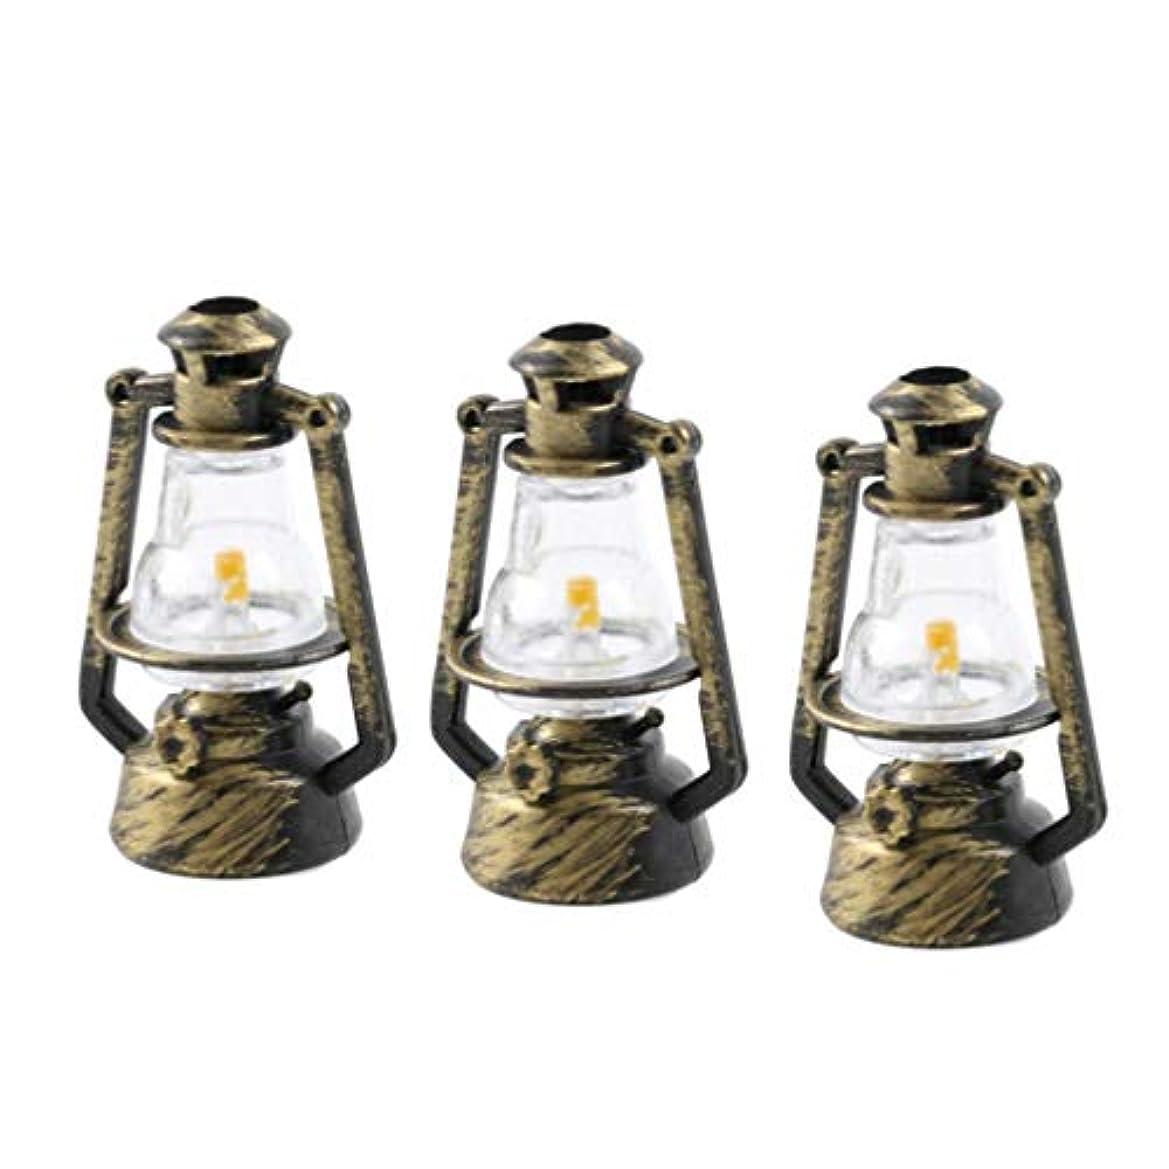 不適切なストライドダニHEALLILY ミニレトロ灯油ランプ飾り1:12ドールハウスミニチュア家具ドールハウス装飾アクセサリー風景装飾6ピース